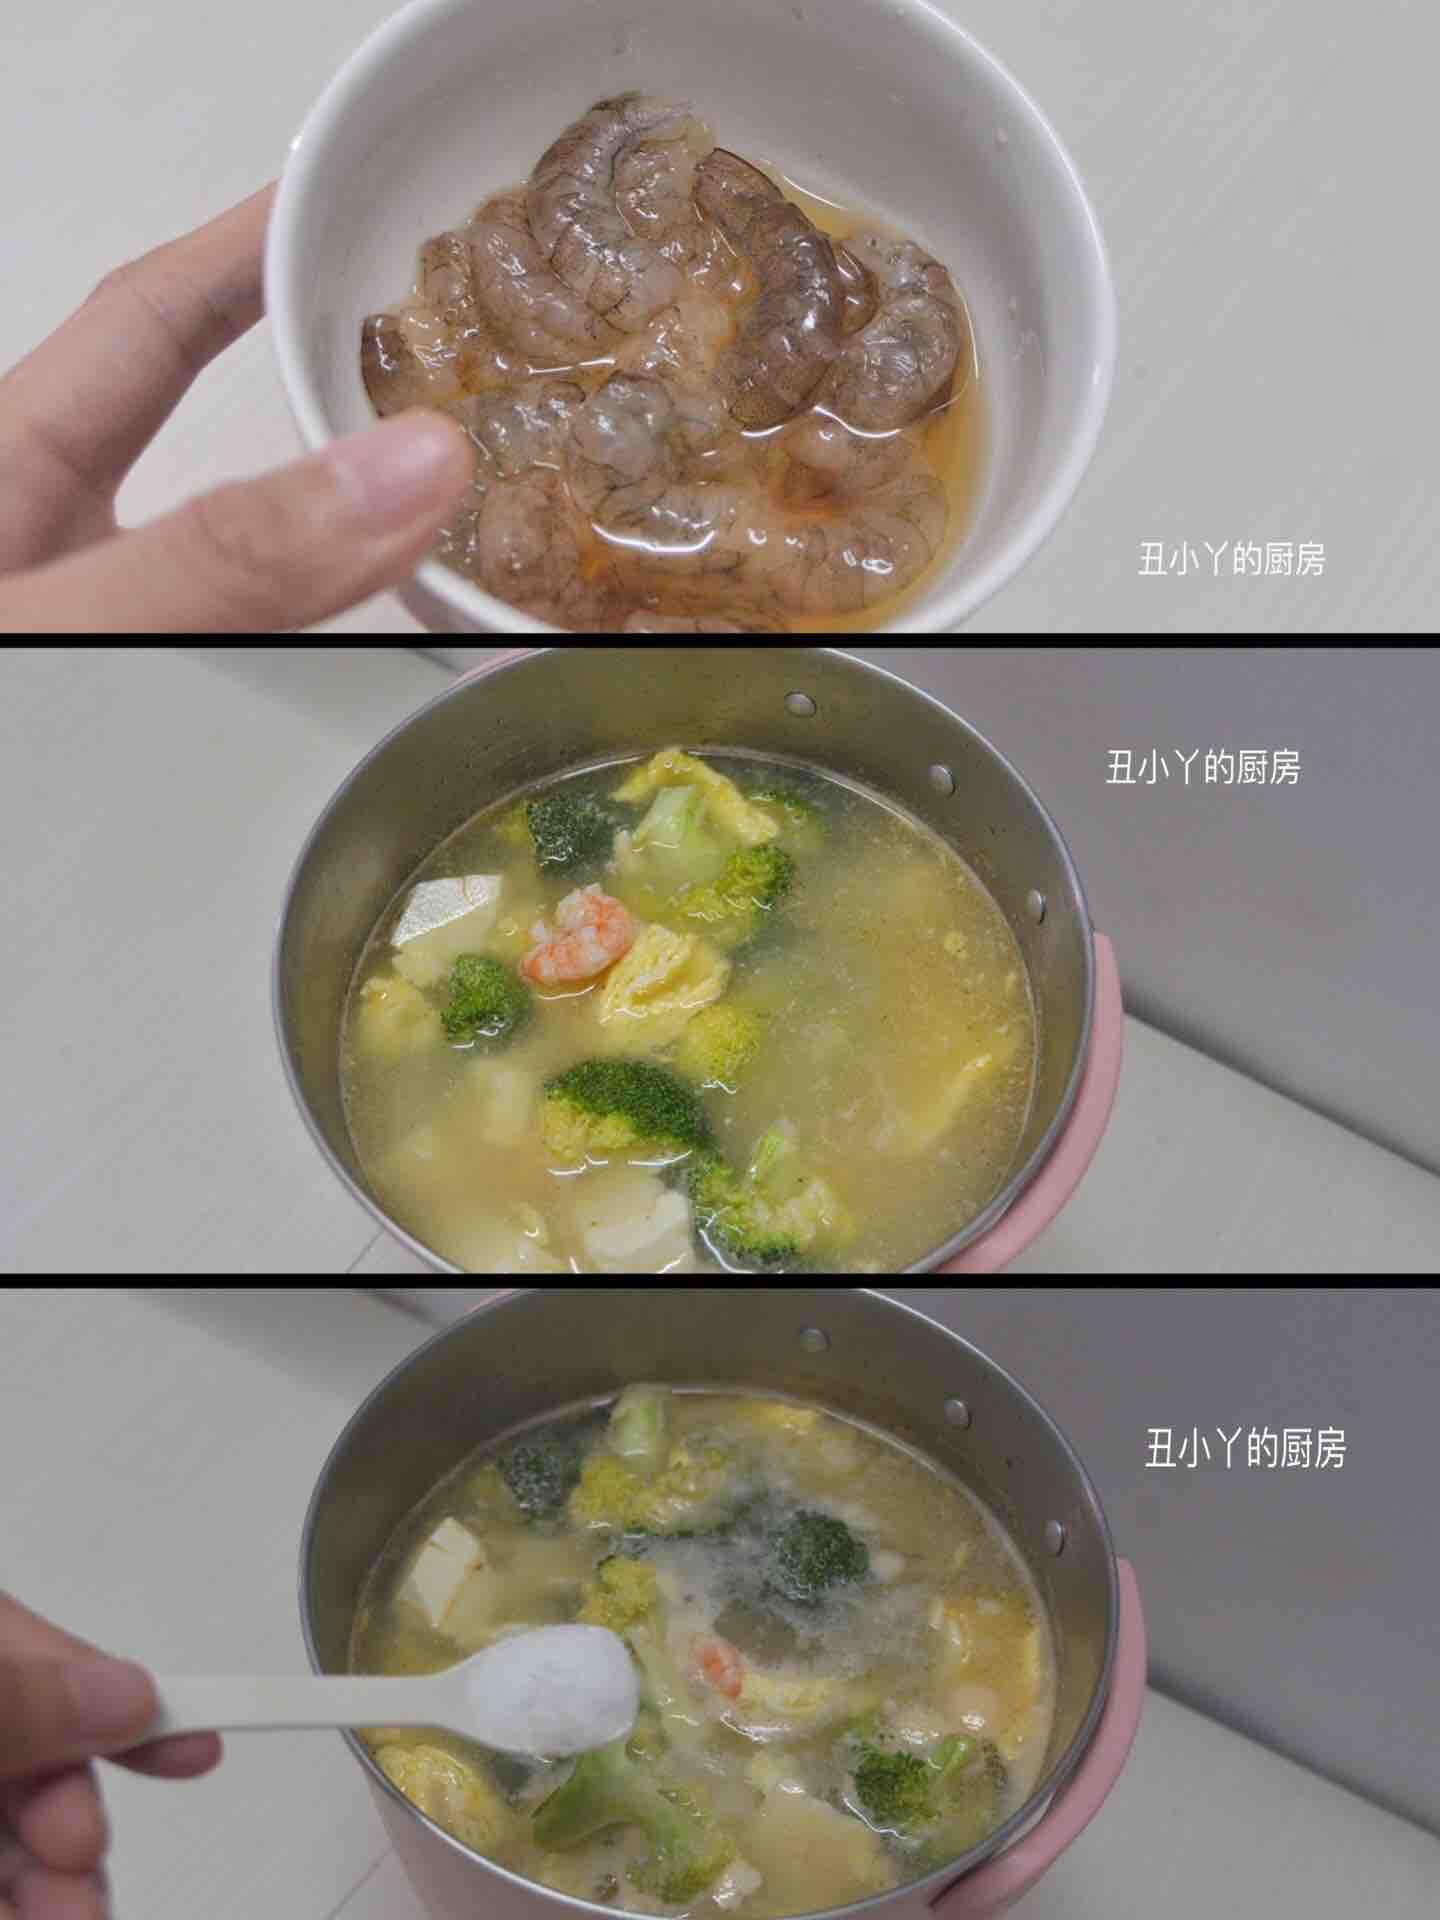 西兰花虾仁鸡蛋豆腐汤的简单做法